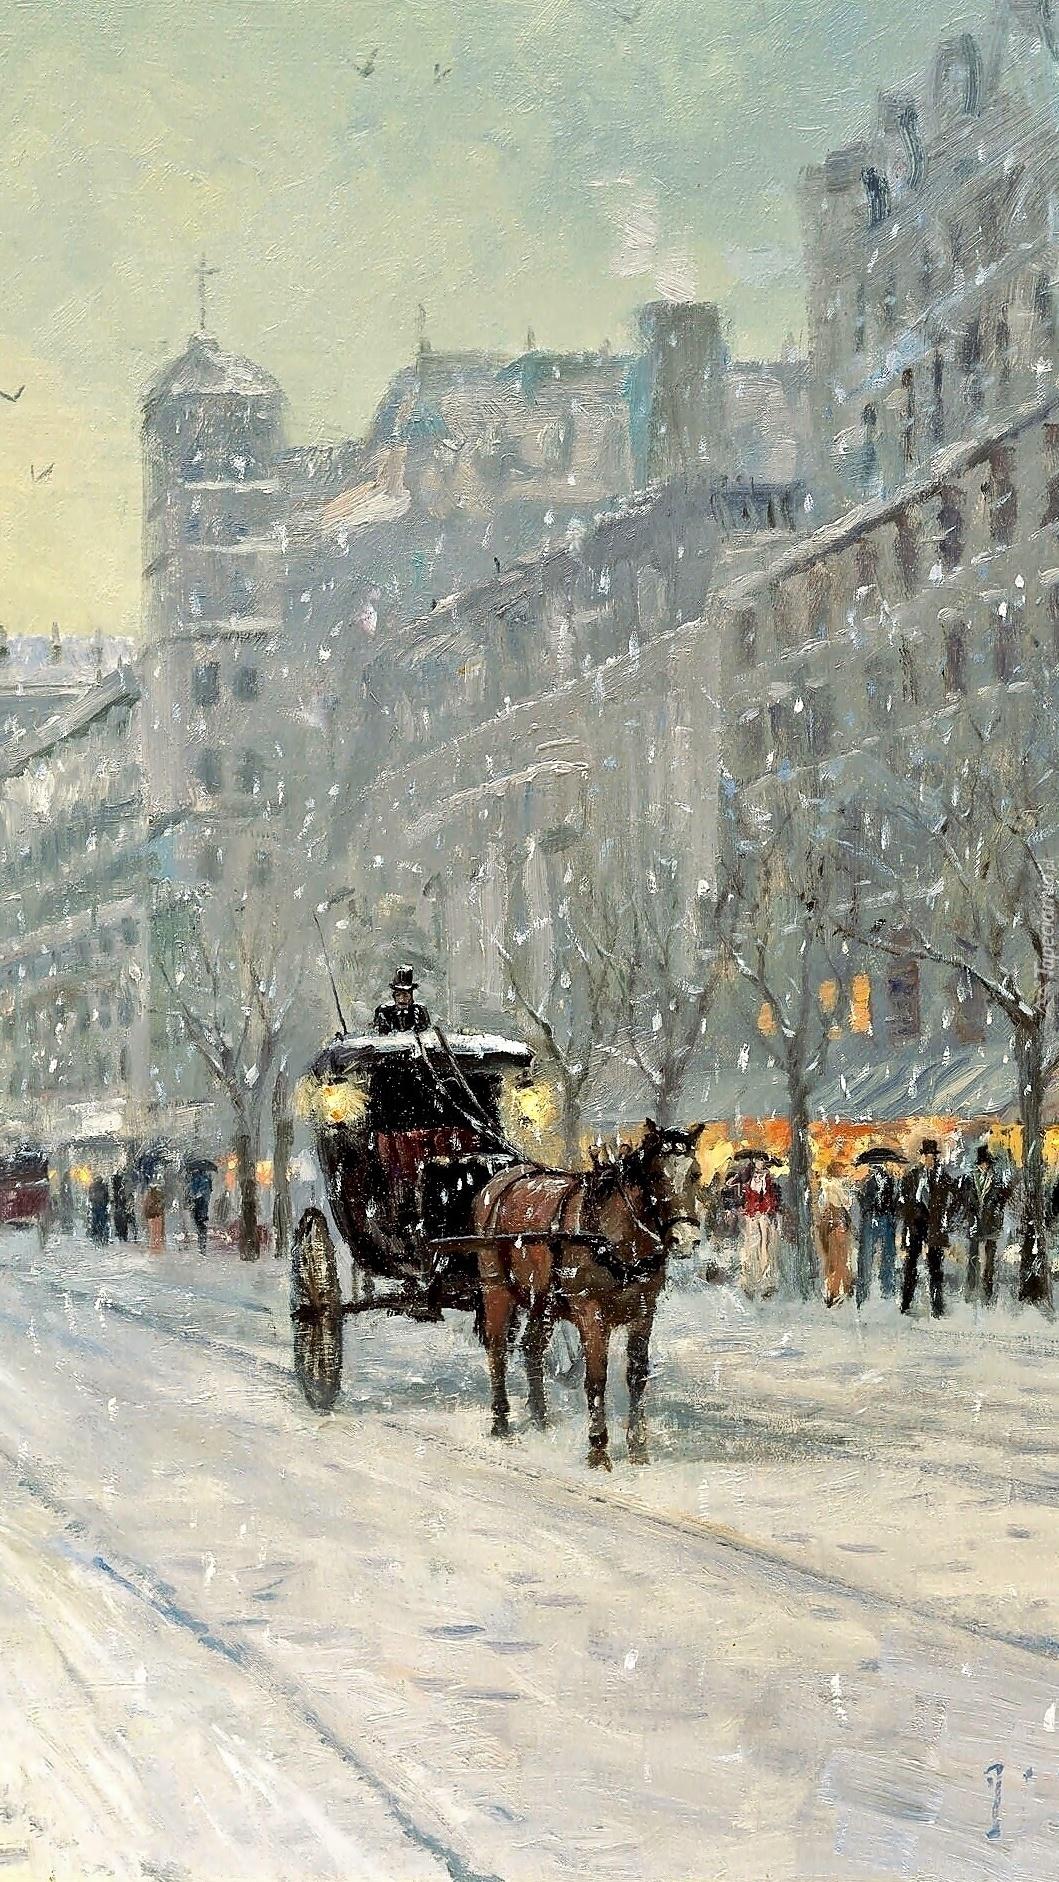 Zima w mieście na obrazie Thomasa Kinkadea